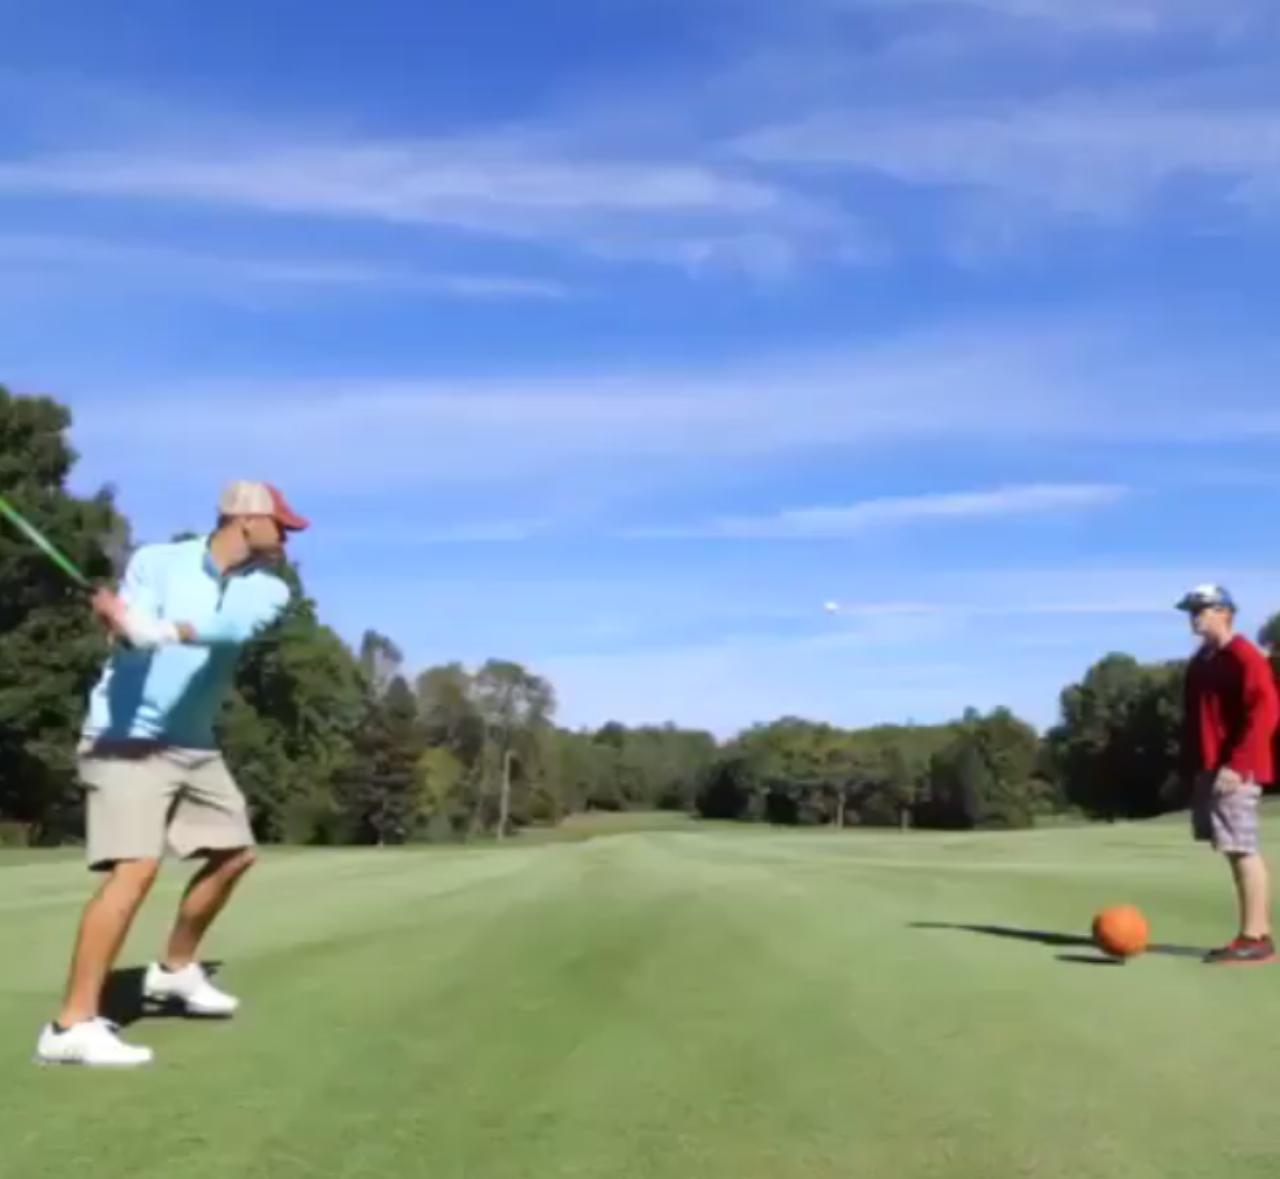 画像: バスケットボールが地面に落ちてボヨンと弾み、ゴルフボールをゴルファーの方向に跳ねあげました。ゴルファー氏は素早くテークバックを開始して…… twitter.com